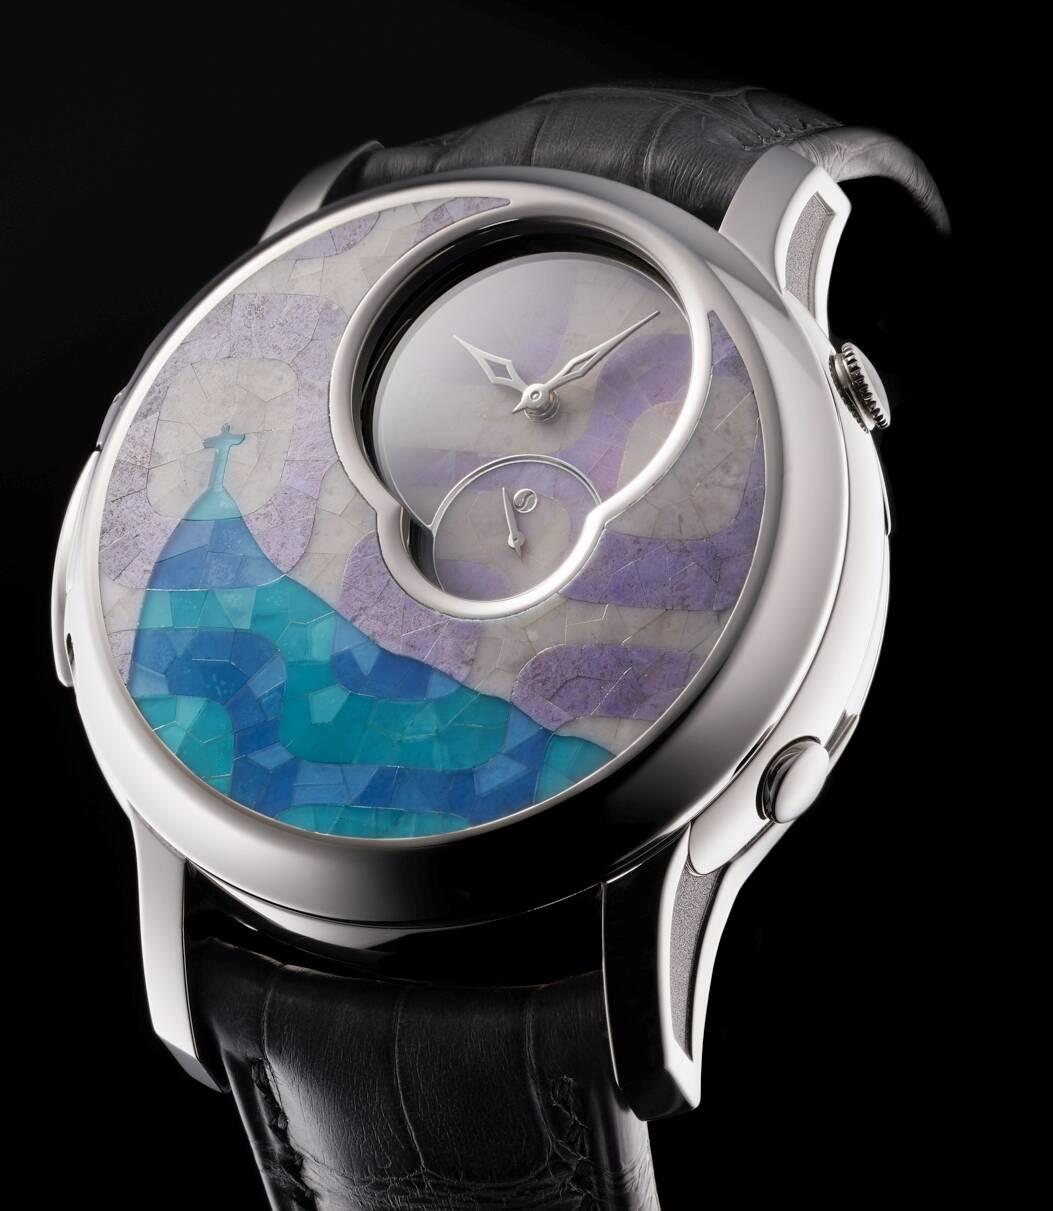 No alto, os autores do relógio em homenagem ao Rio, Kakay Köpfe e Romain Gauthier; o comprador do relógio vai ganhar a tela em acrílico que serviu de inspiração para sua criação